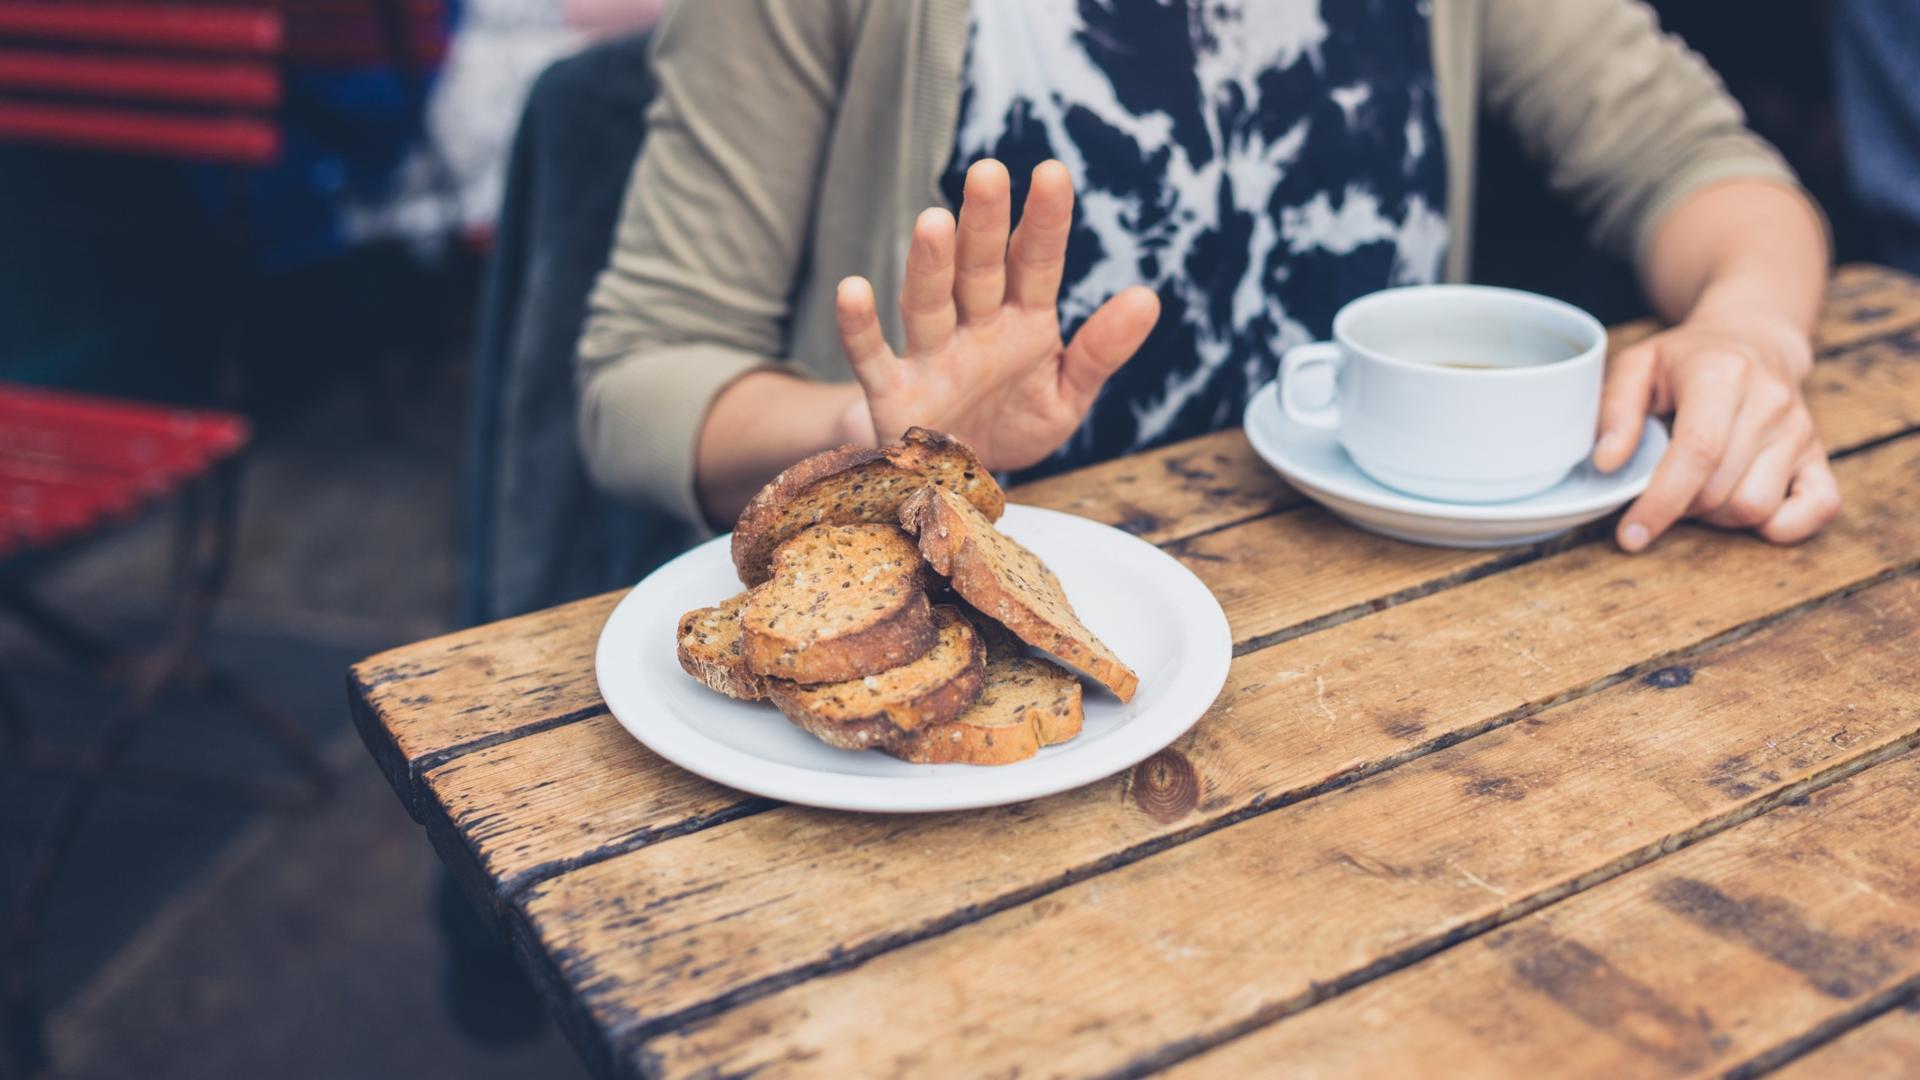 Безглютеновая диета не приносит пользы здоровым людям